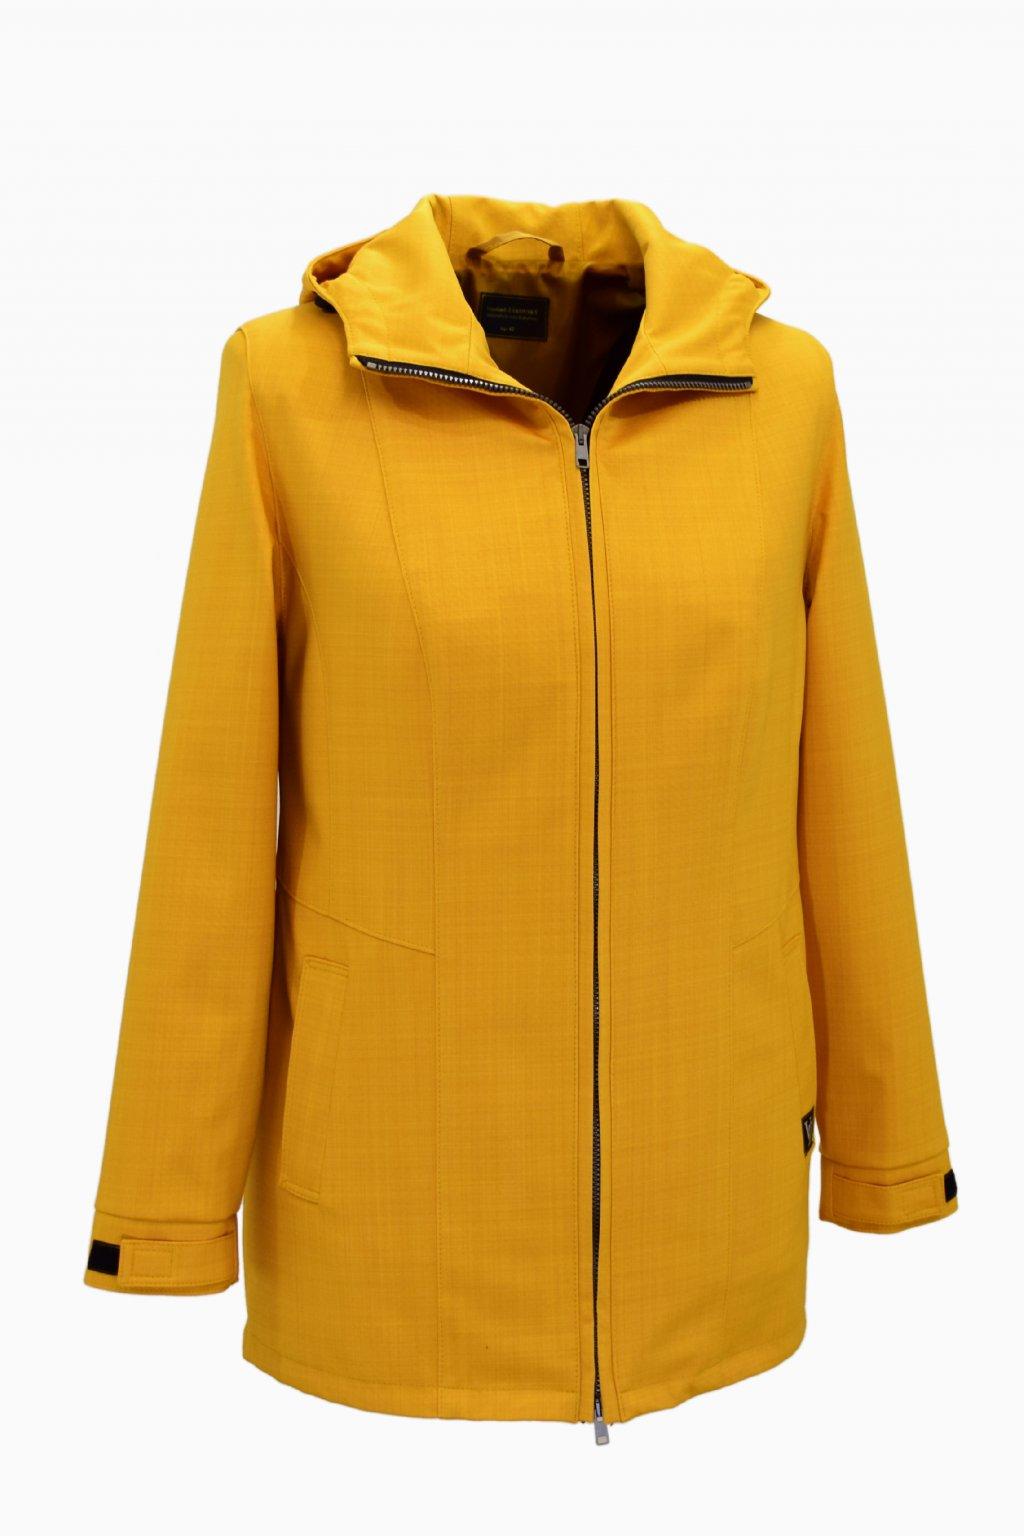 Dámská žlutá jarní outdoorová bunda Elza nadměrné velikosti